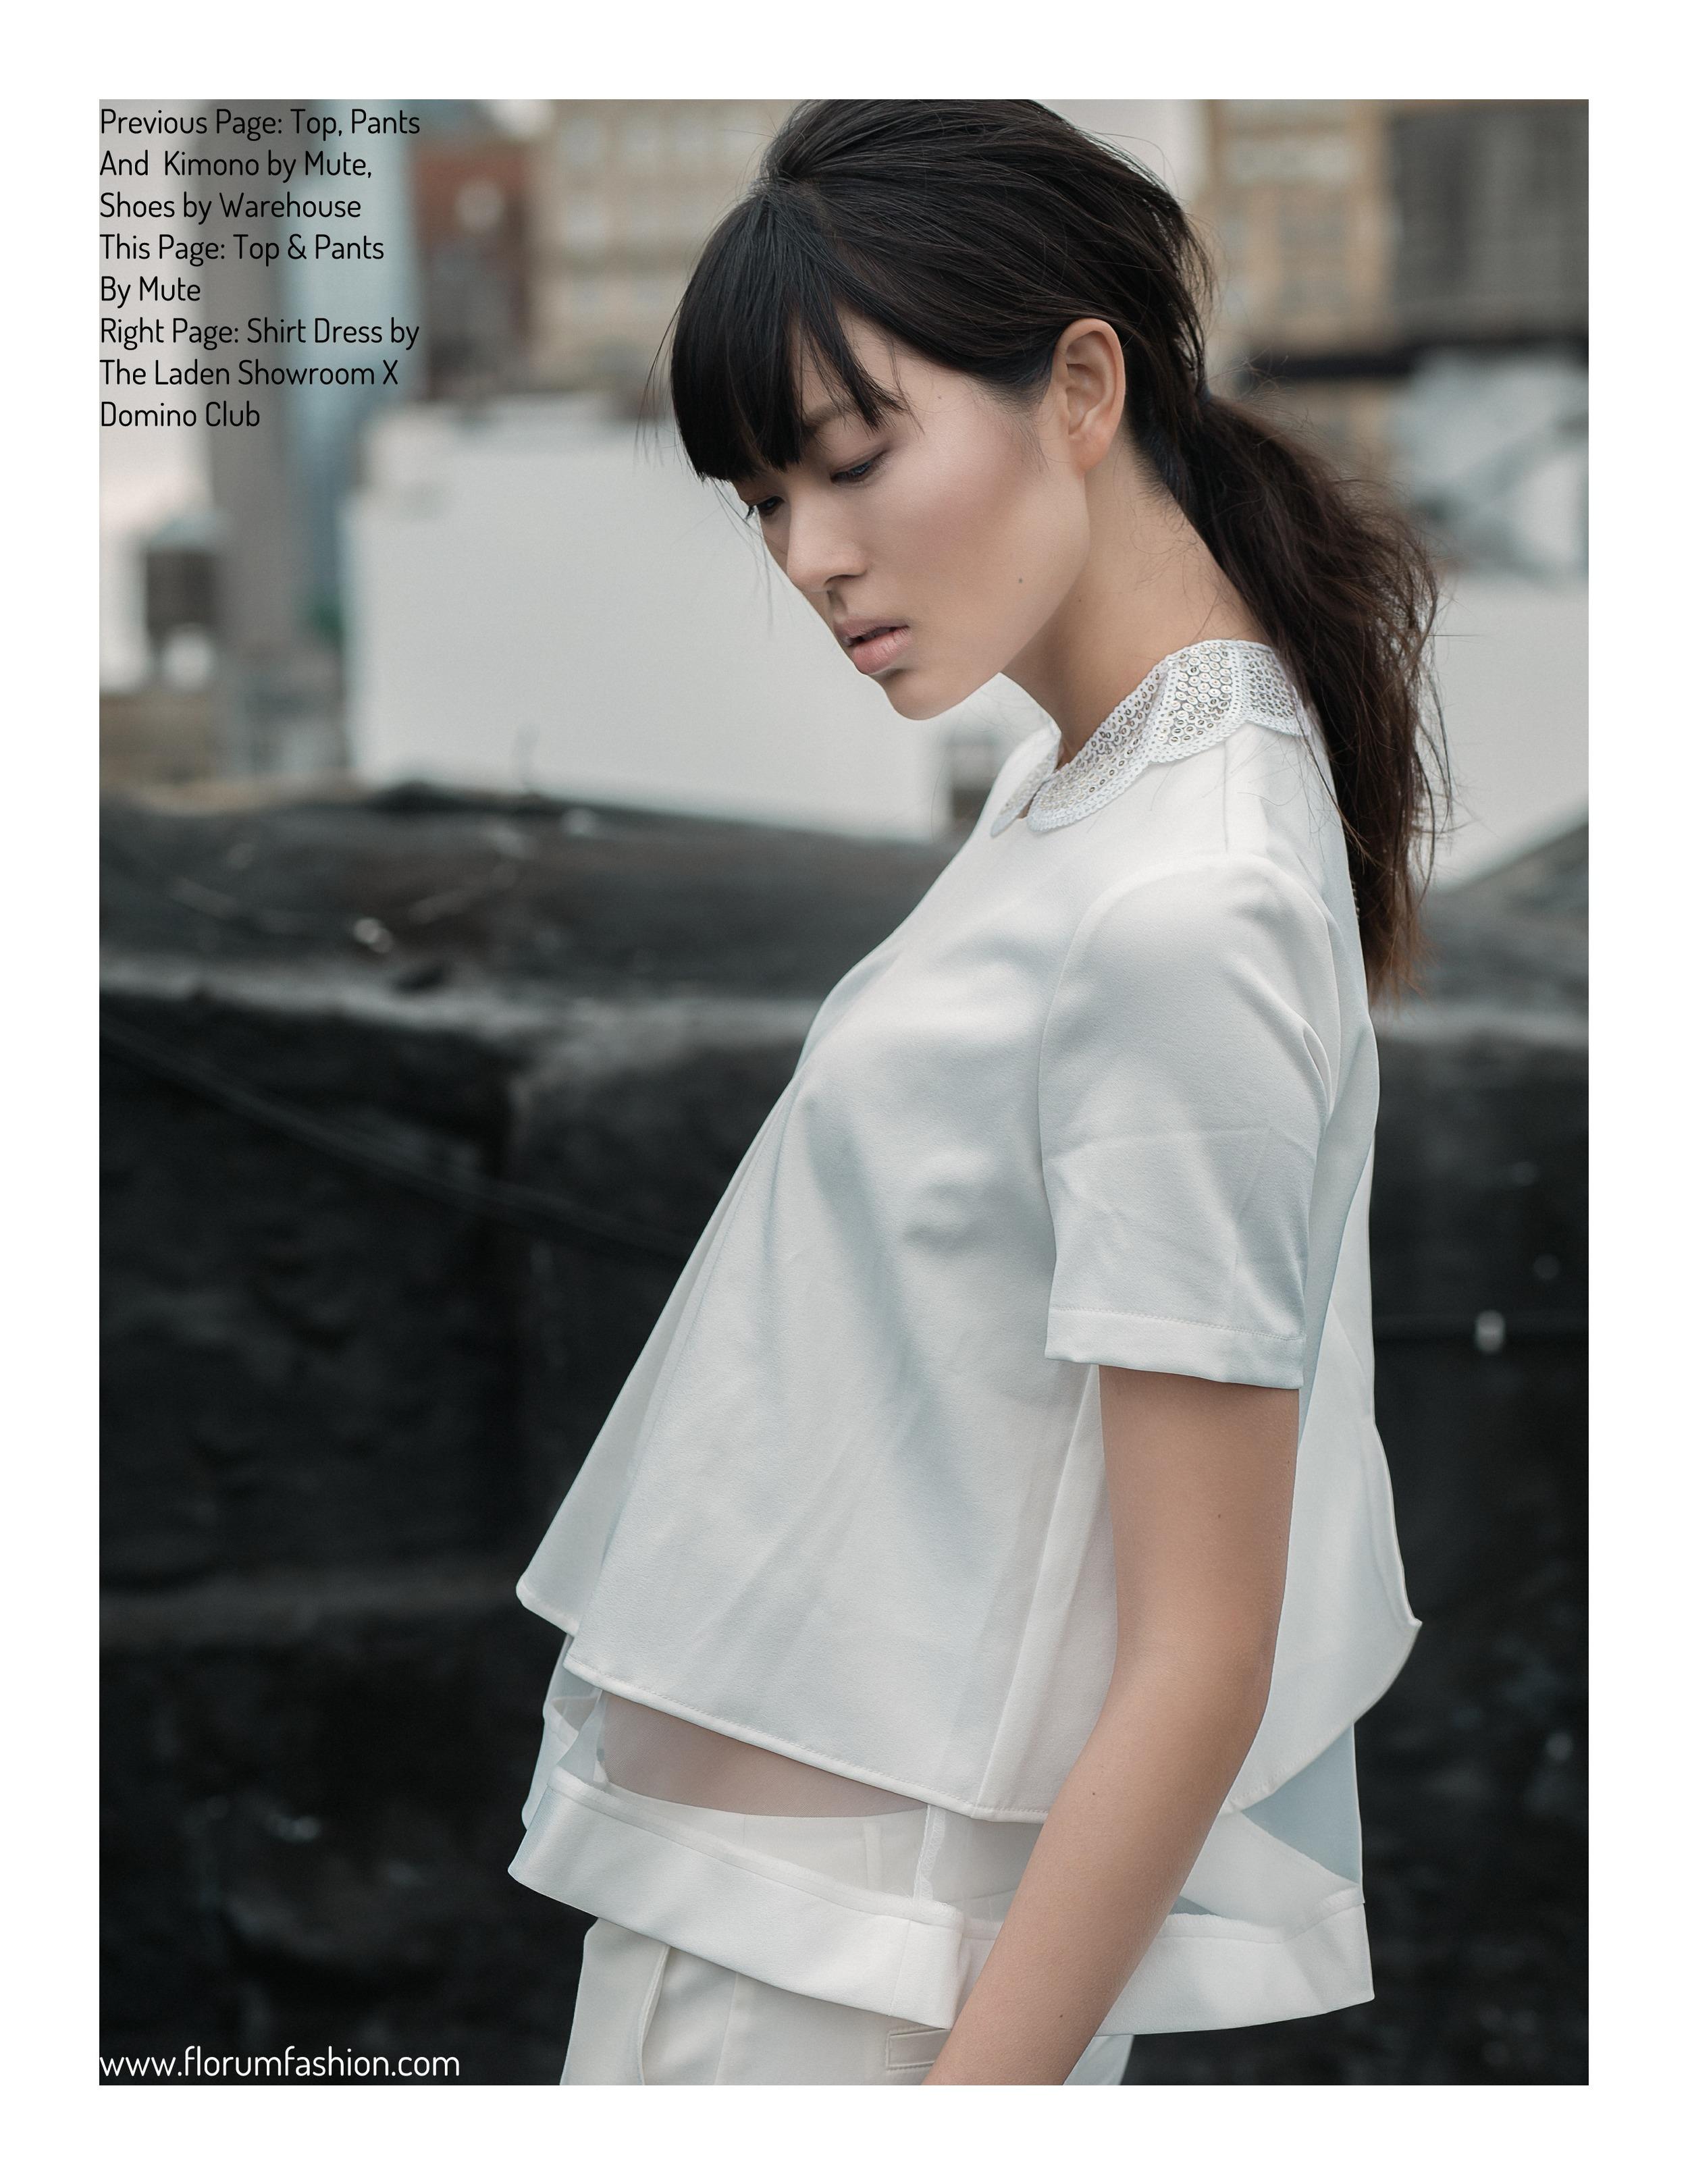 Rue De La Ville Florum Fashion Magazine Major Models New York Pauly Pholwises (3).jpg